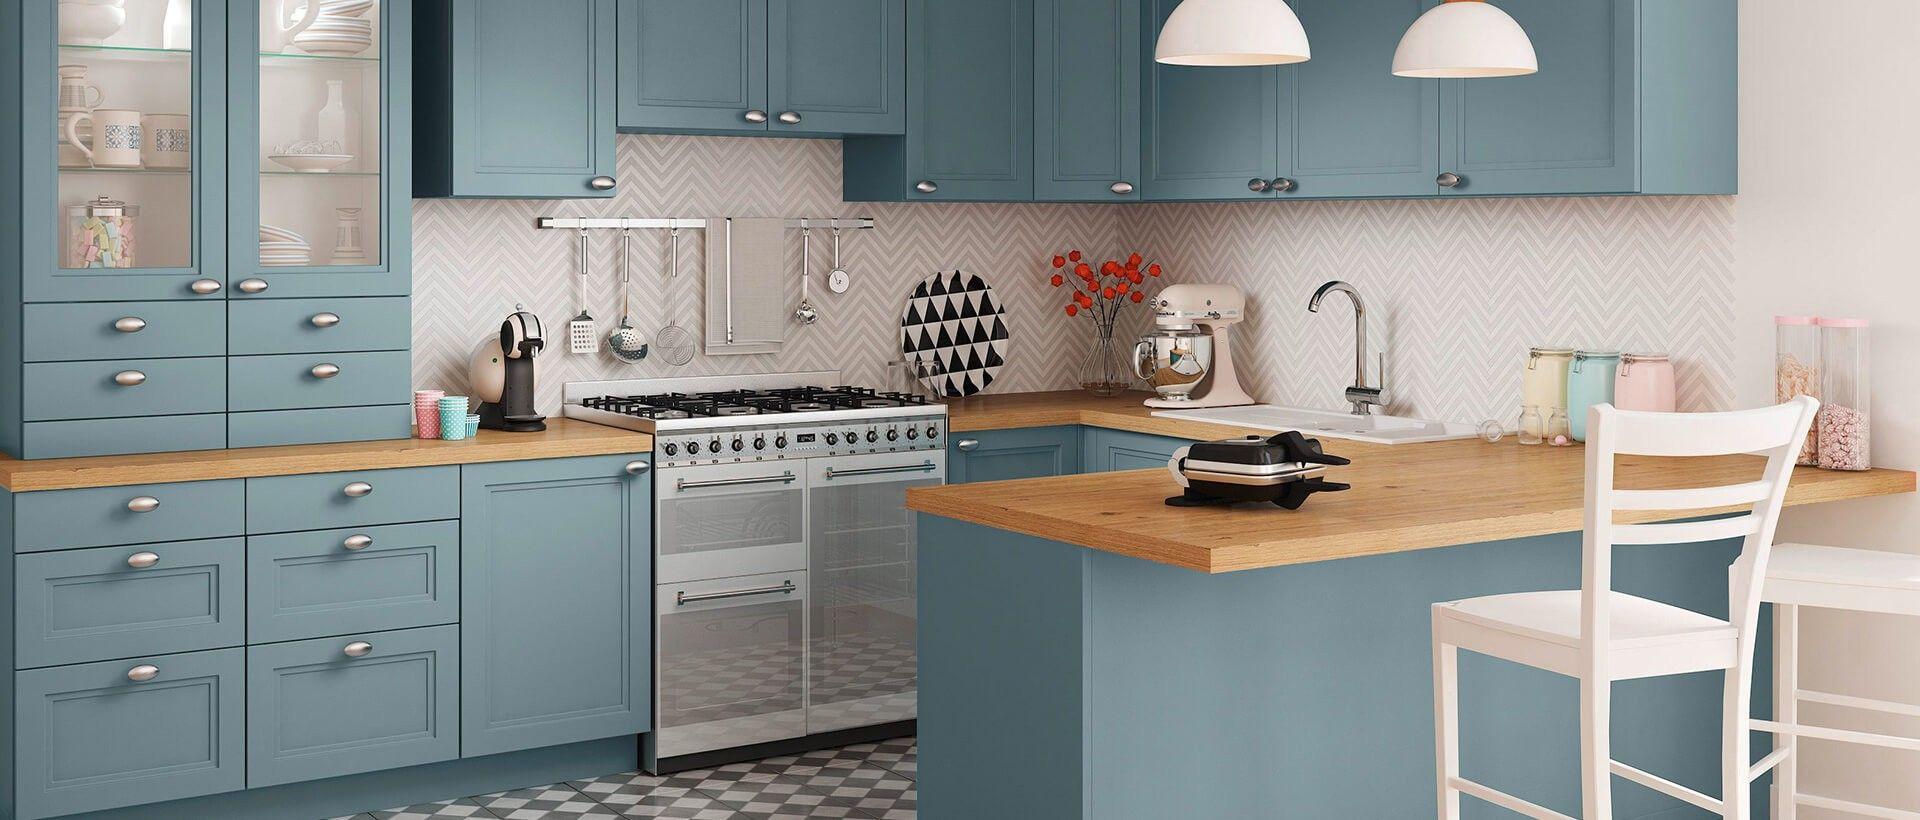 But Cuisines : cuisine équipée, moderne, kitchenette, meubles de